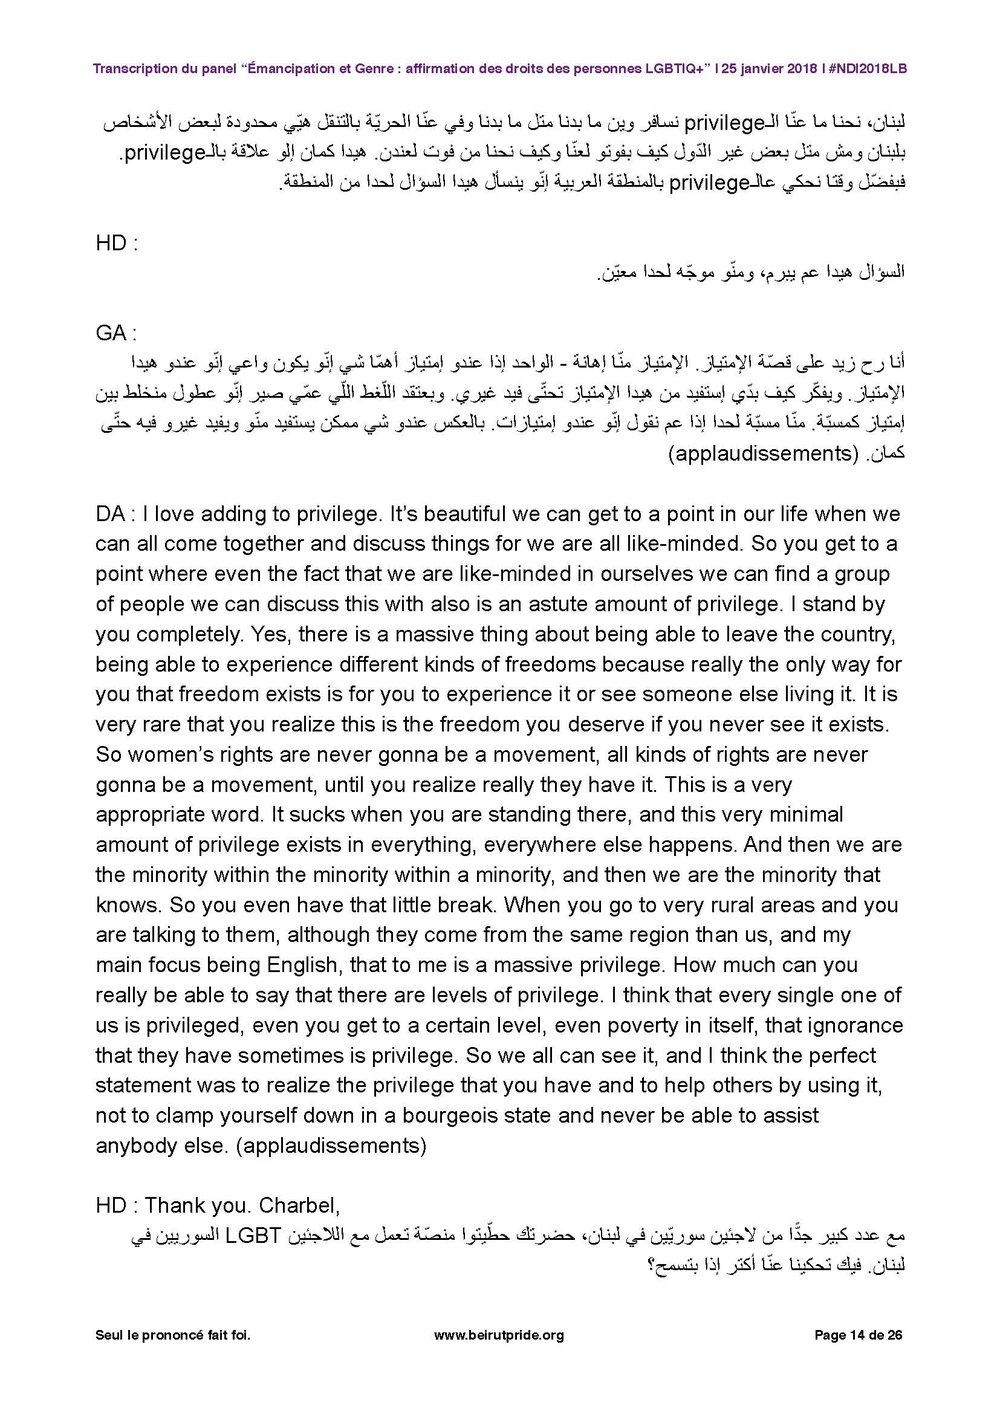 Transcription Nuit des idées 2018_Page_14.jpg